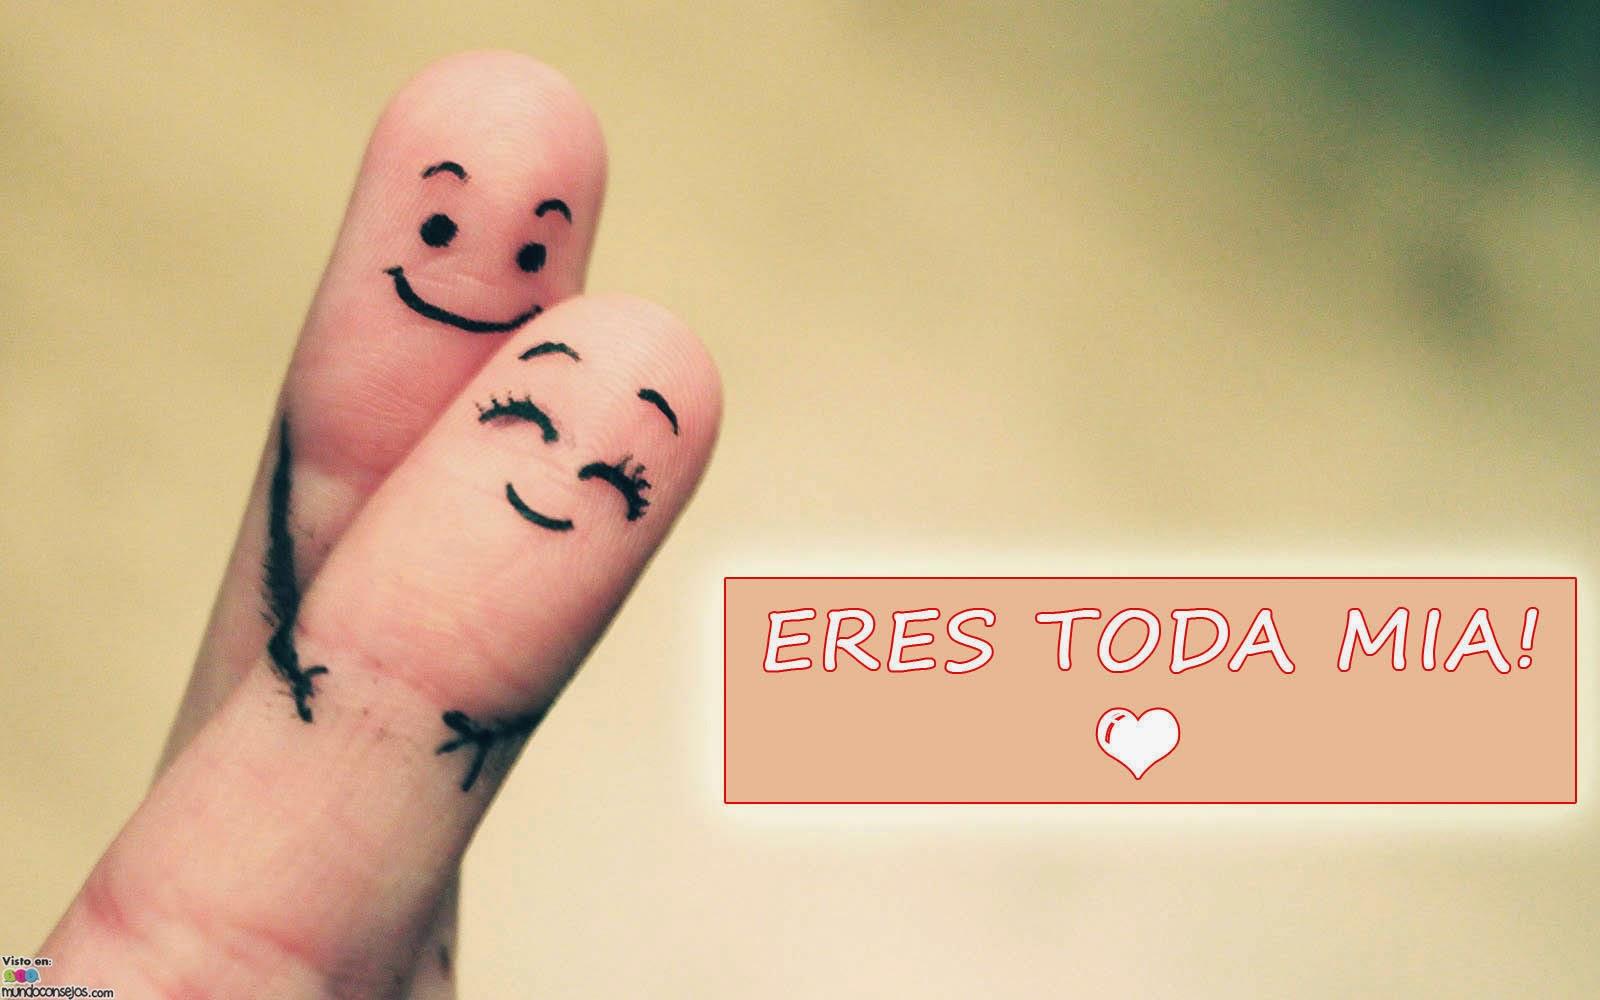 Imagenes de Amor Para Fotos de Portada de Facebook Portadas de Amor Para Facebook